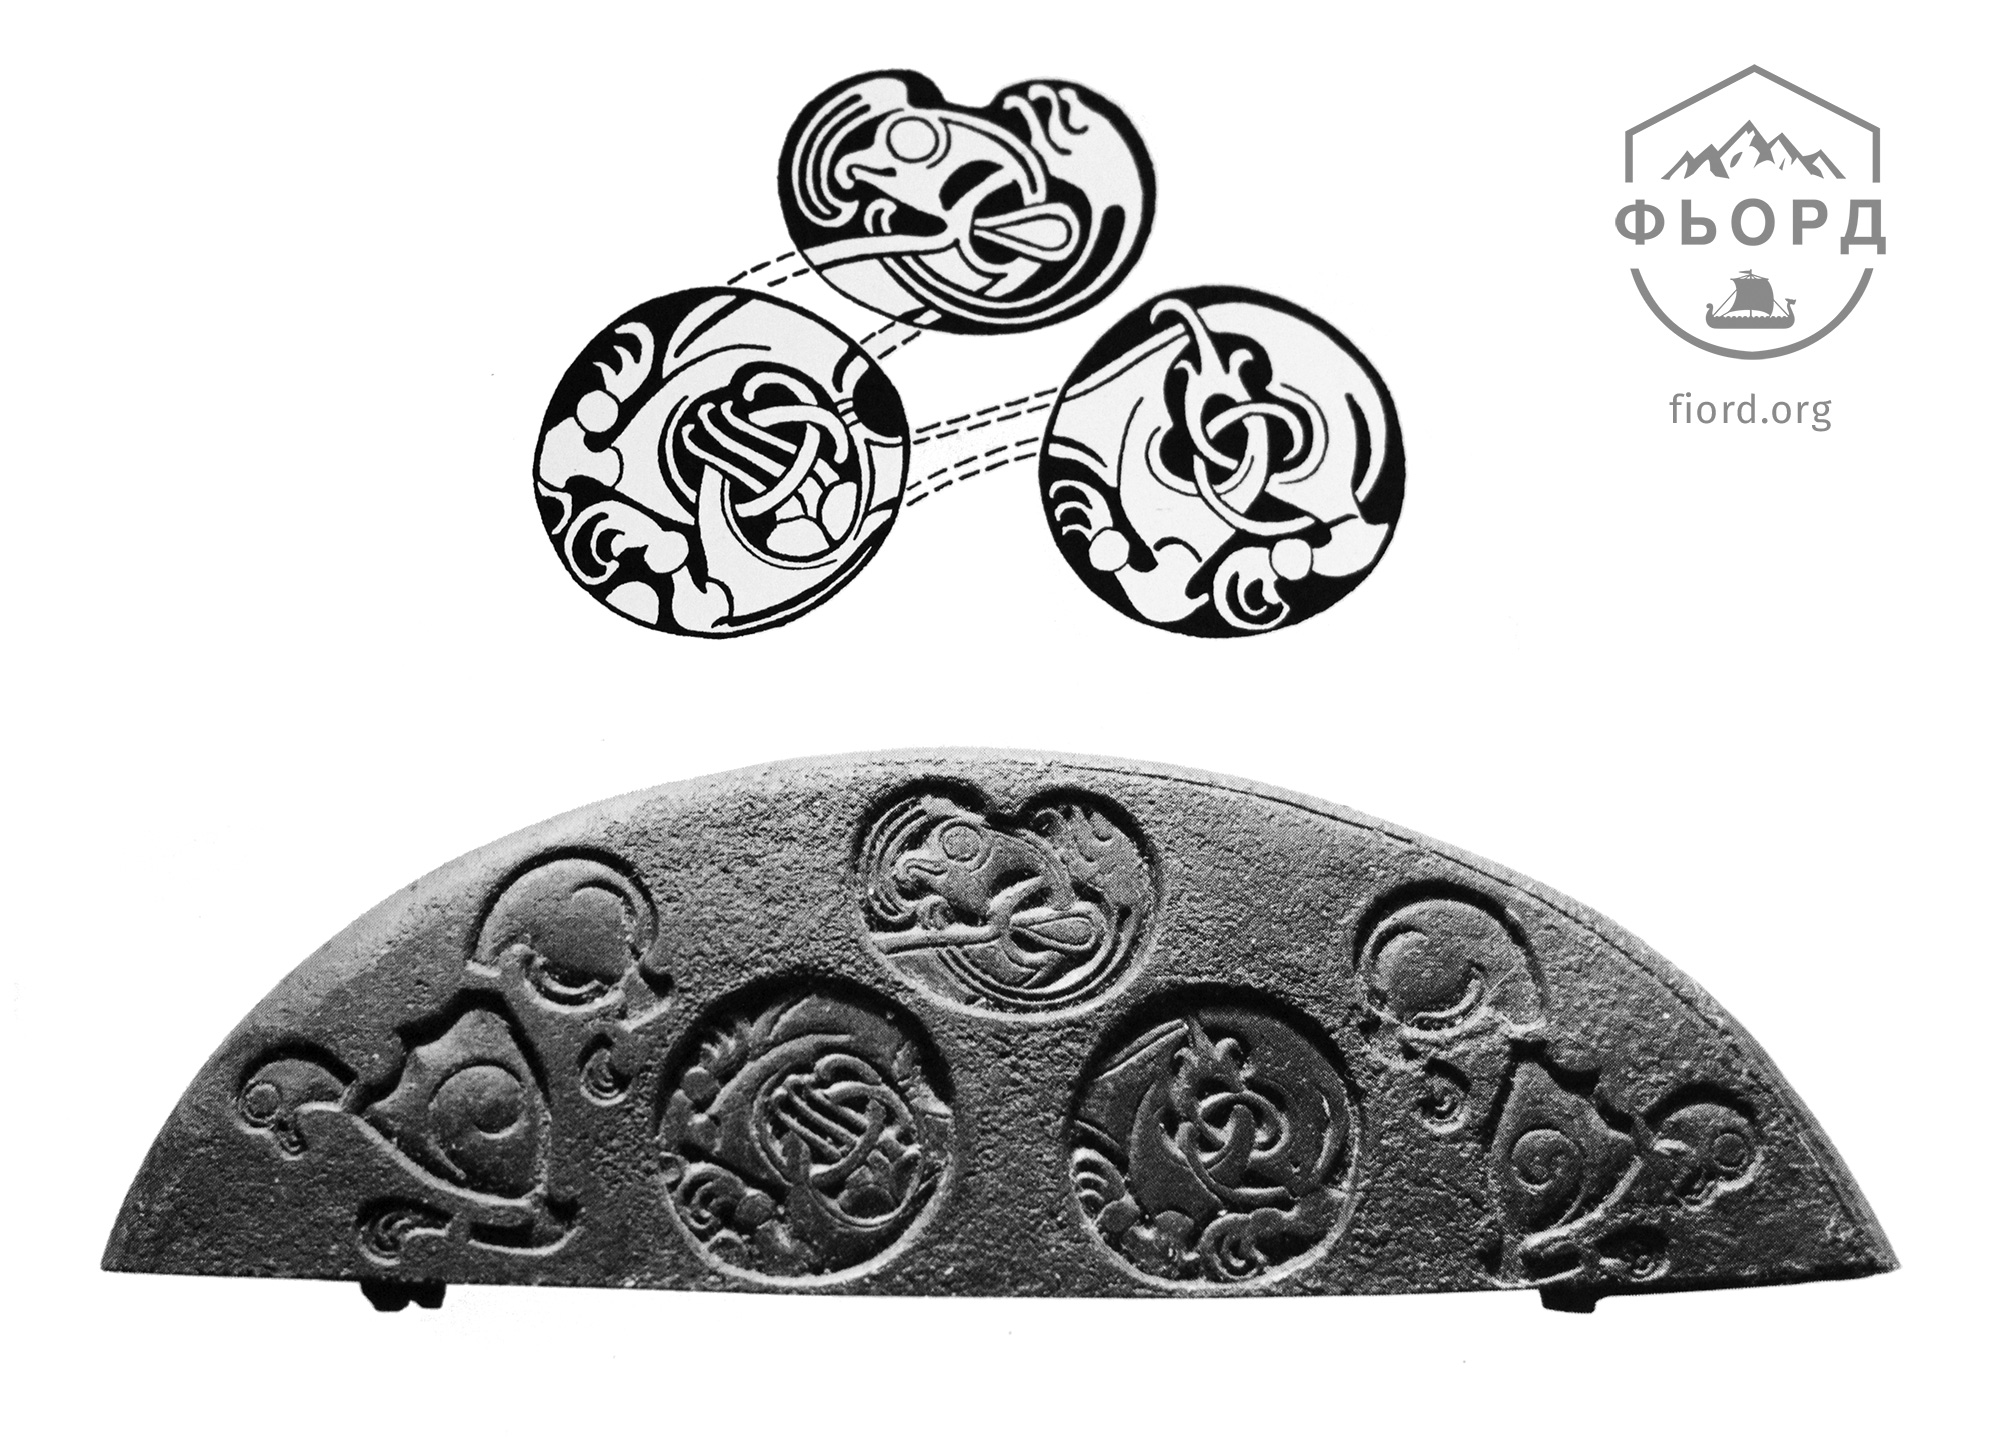 Типичный пример скандинавского стиля III/E. Бронзовое навершие меча, Хелльви, о. Готланд